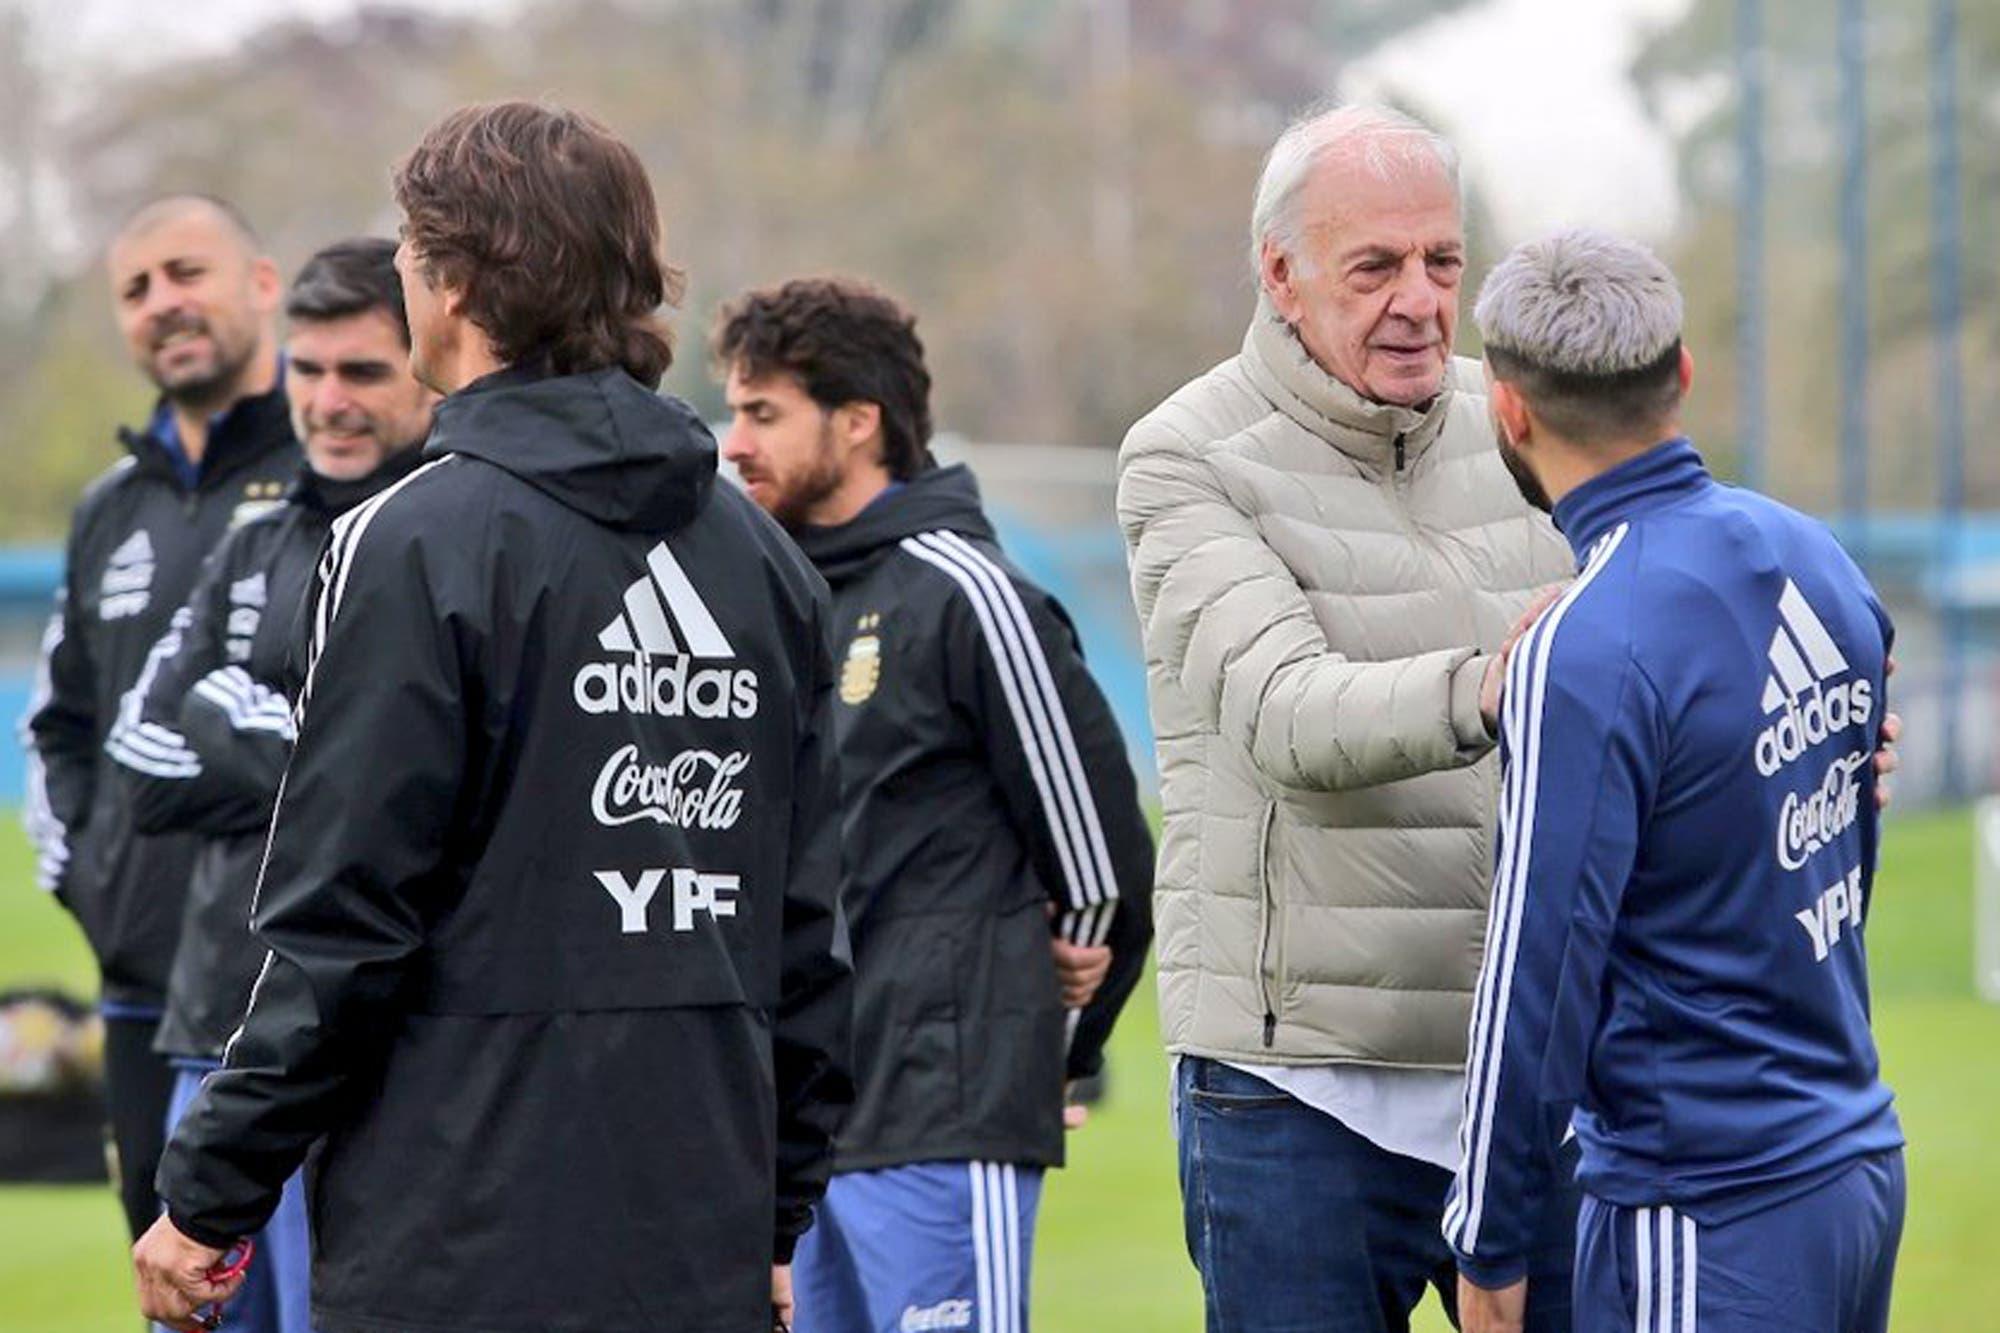 Con Agüero y sin Messi: así fue el primer entrenamiento de la Argentina de cara a la Copa América